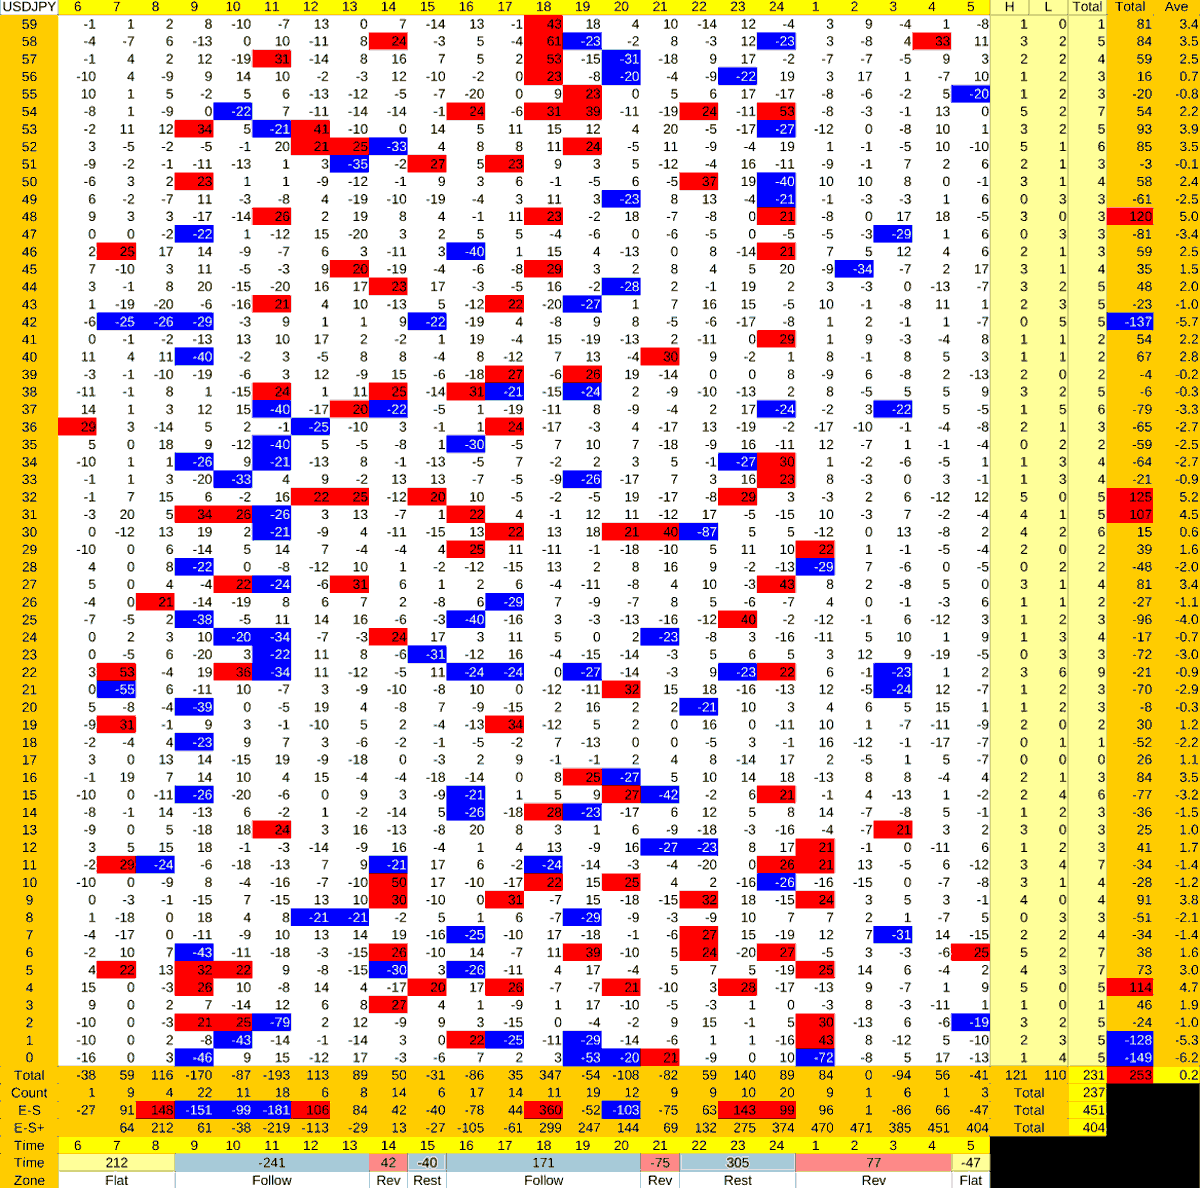 20210226_HS(1)USDJPY